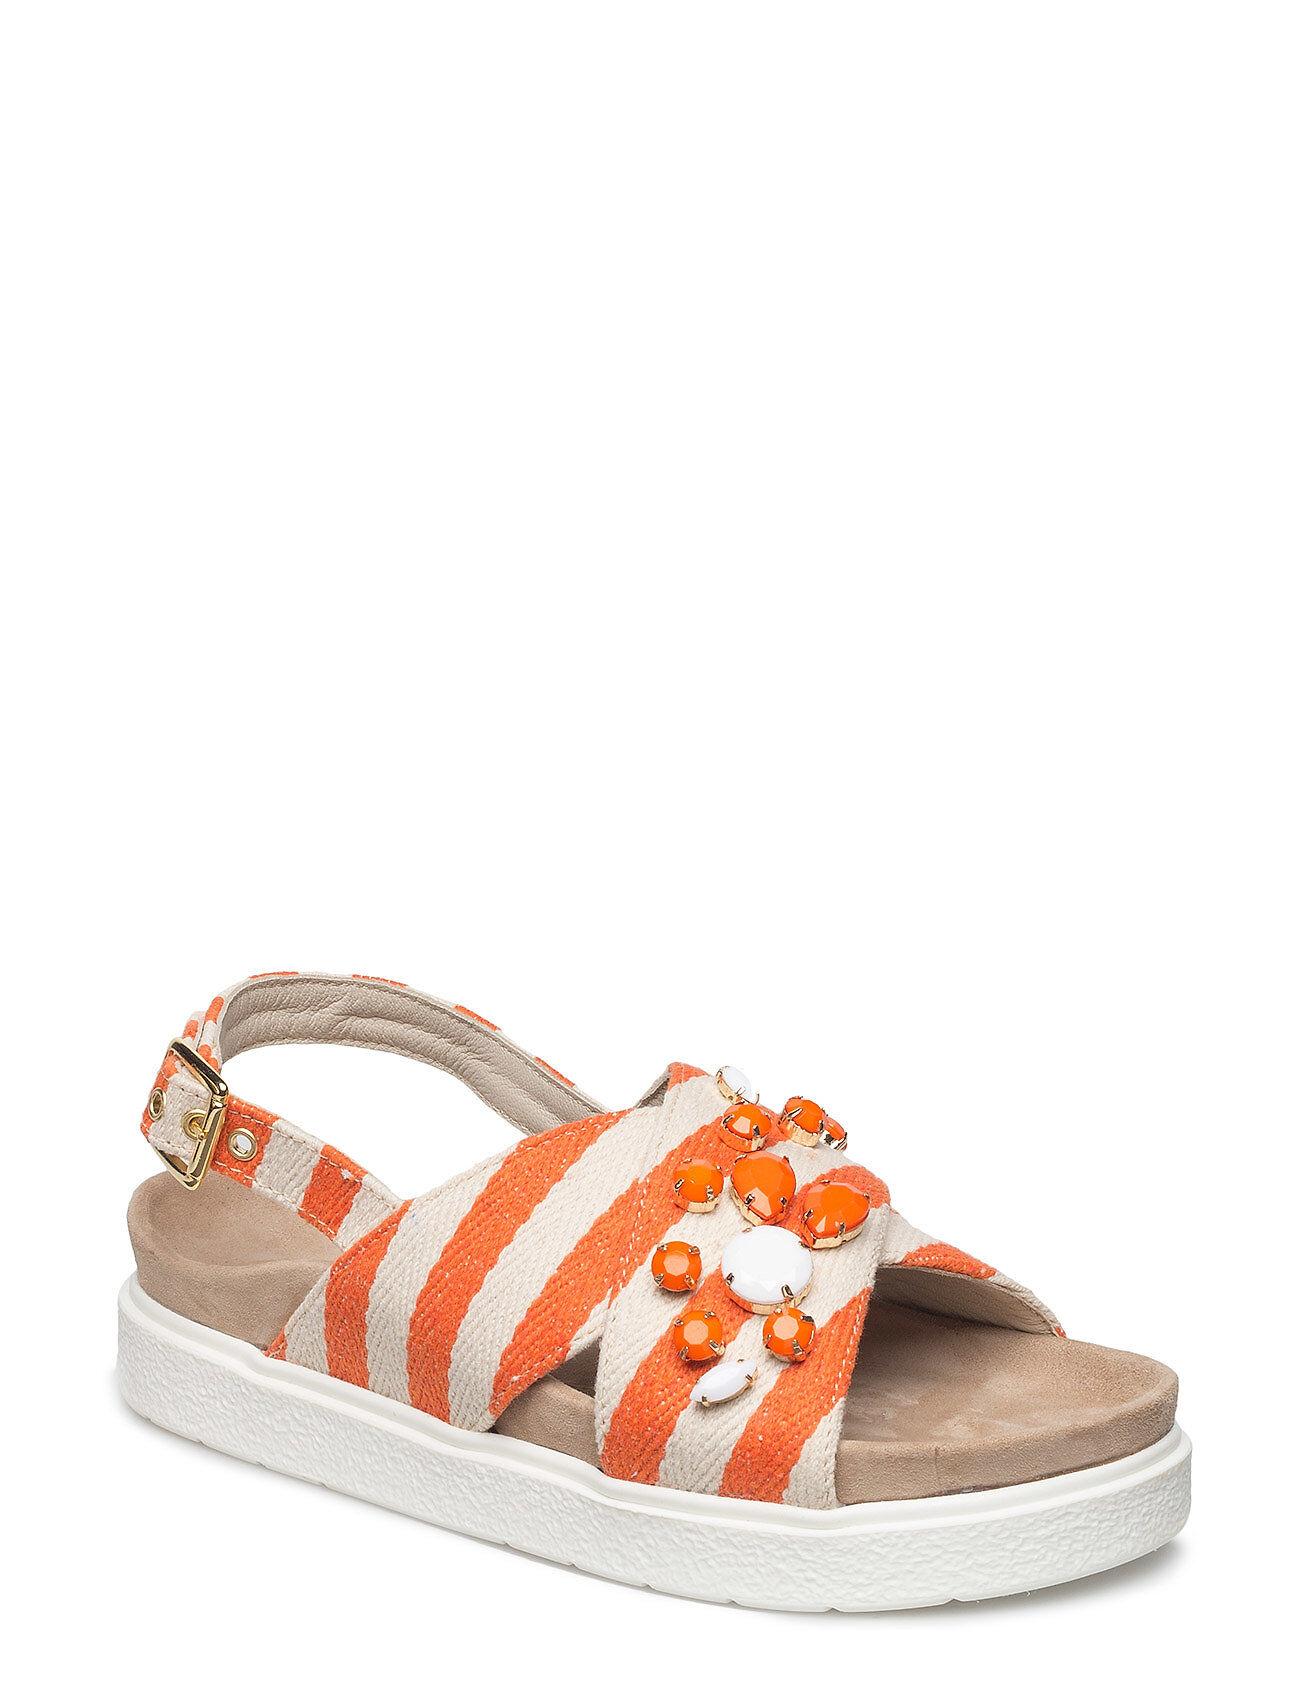 Inuikii Sandal Stripes